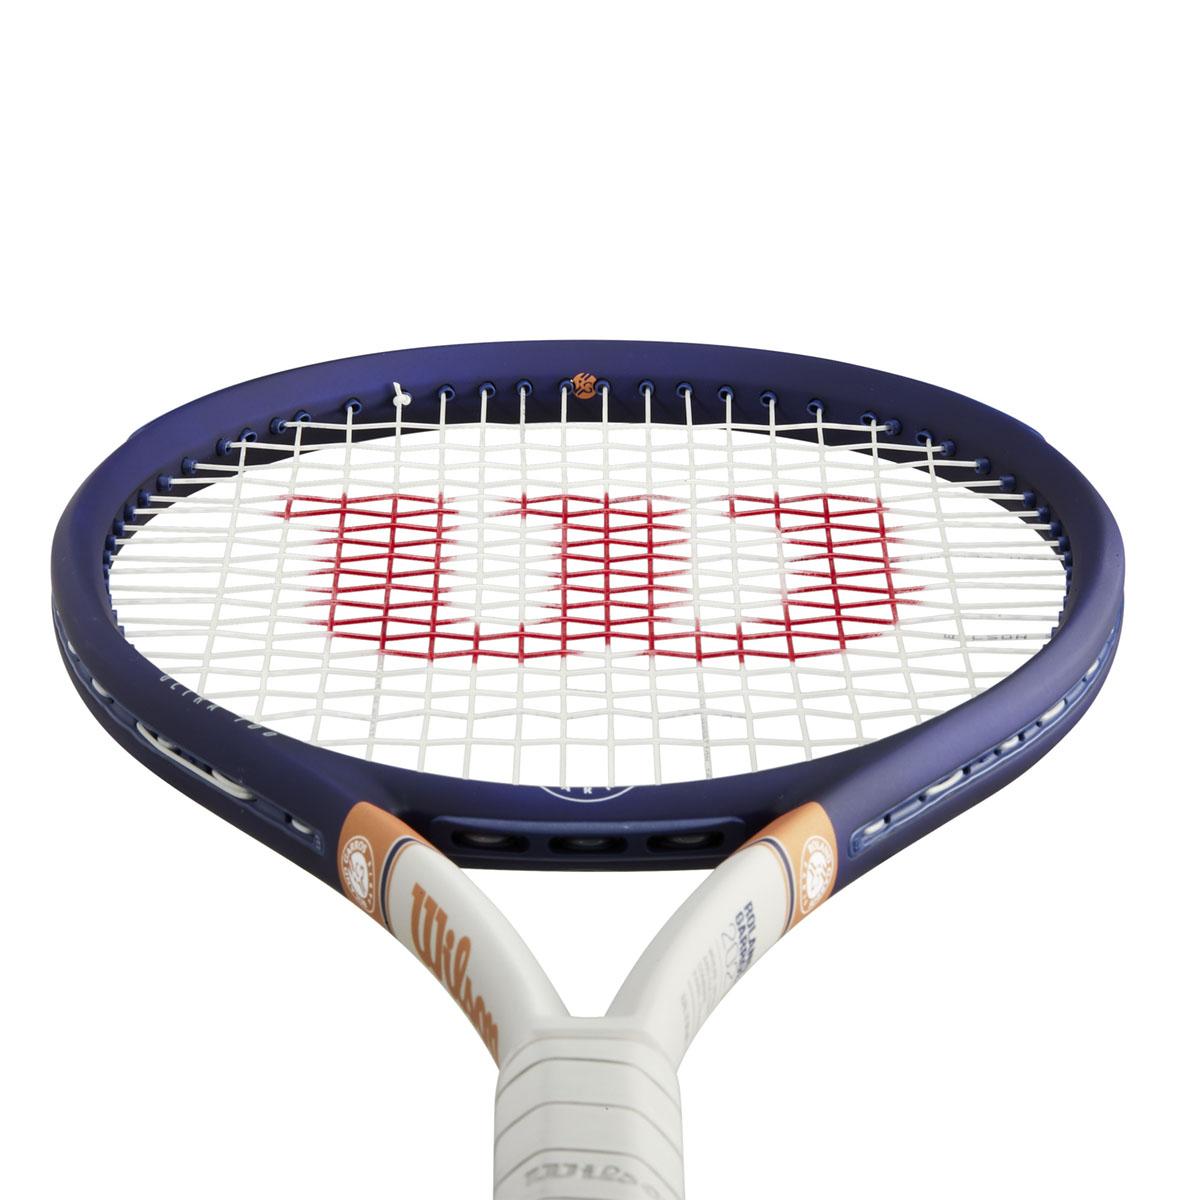 WR068411U_3_Ultra_100_Roland_Garros_NY_OR_GY.png.cq5dam.web.2000.2000